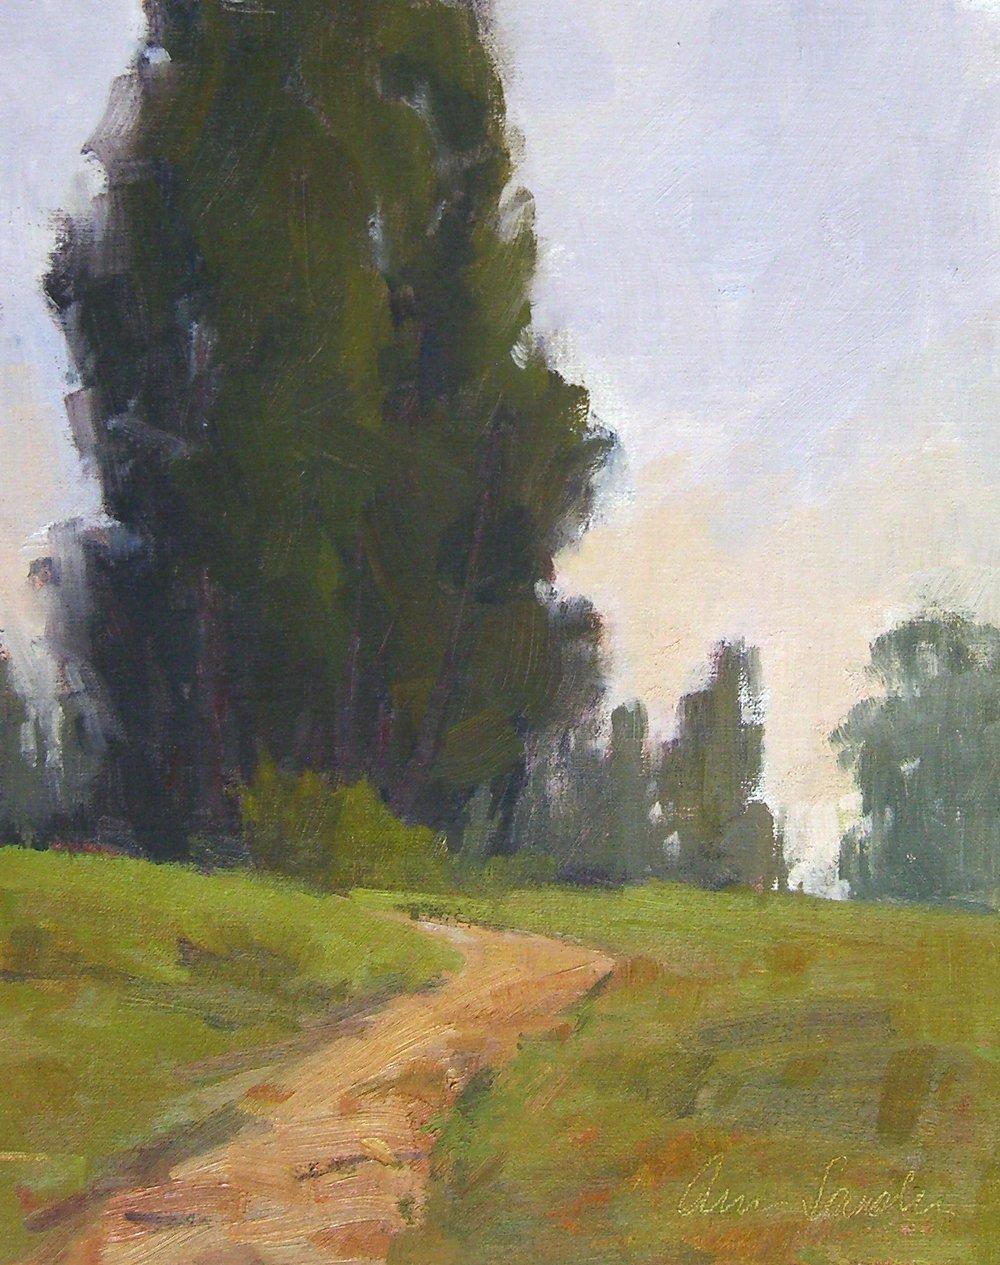 Spring Haze, oil, 10x8